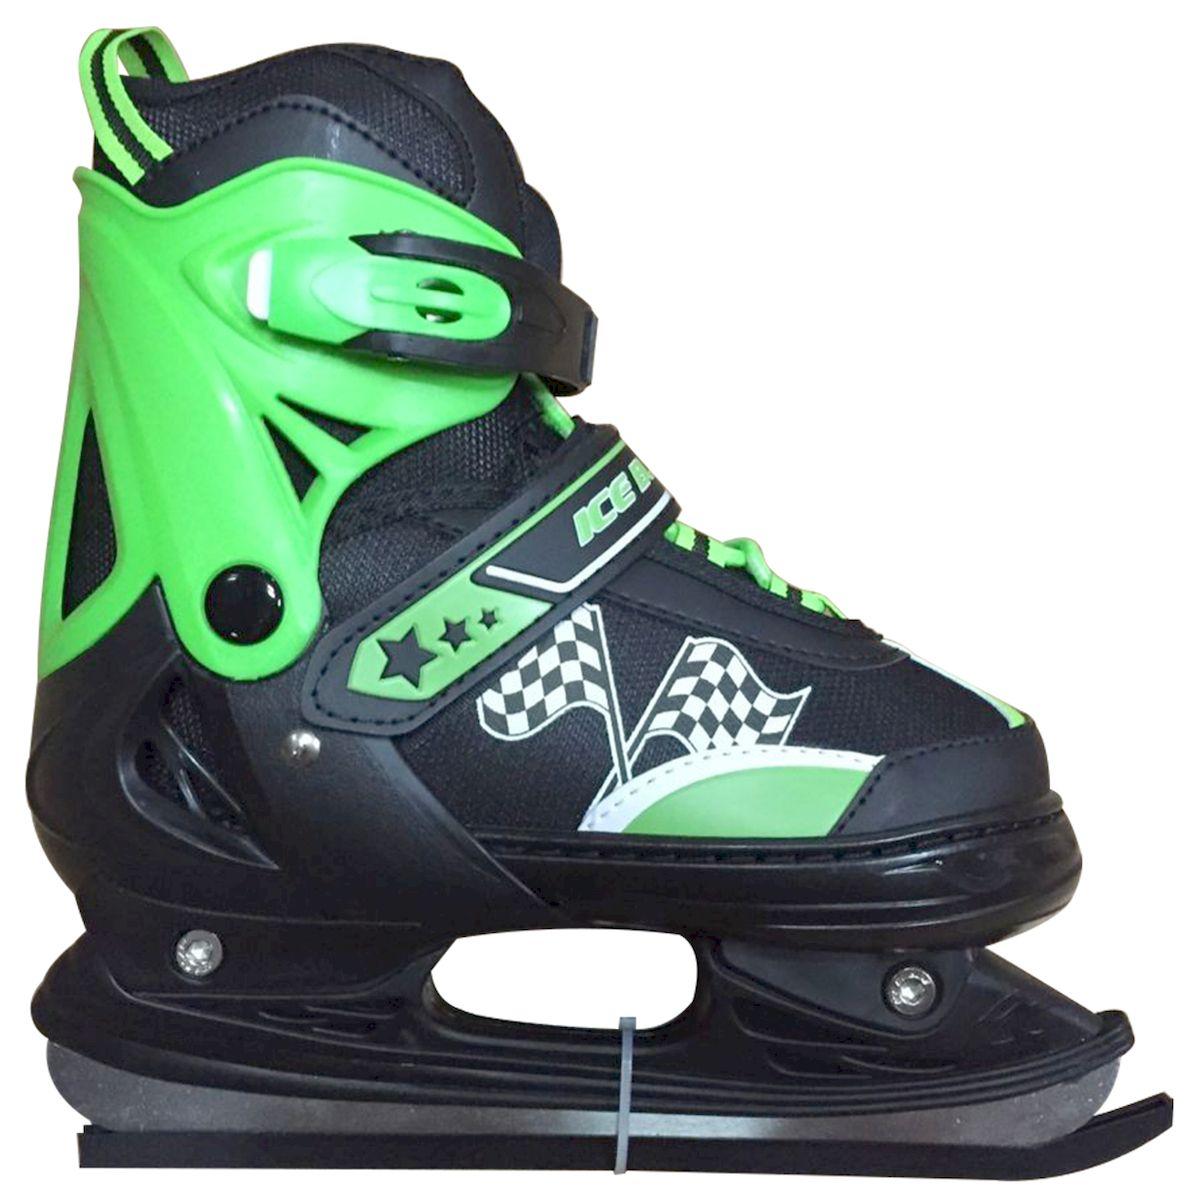 Коньки ледовые Ice Blade Winner, раздвижные, цвет: черный, зеленый. УТ-00006879. Размер L (39/42)